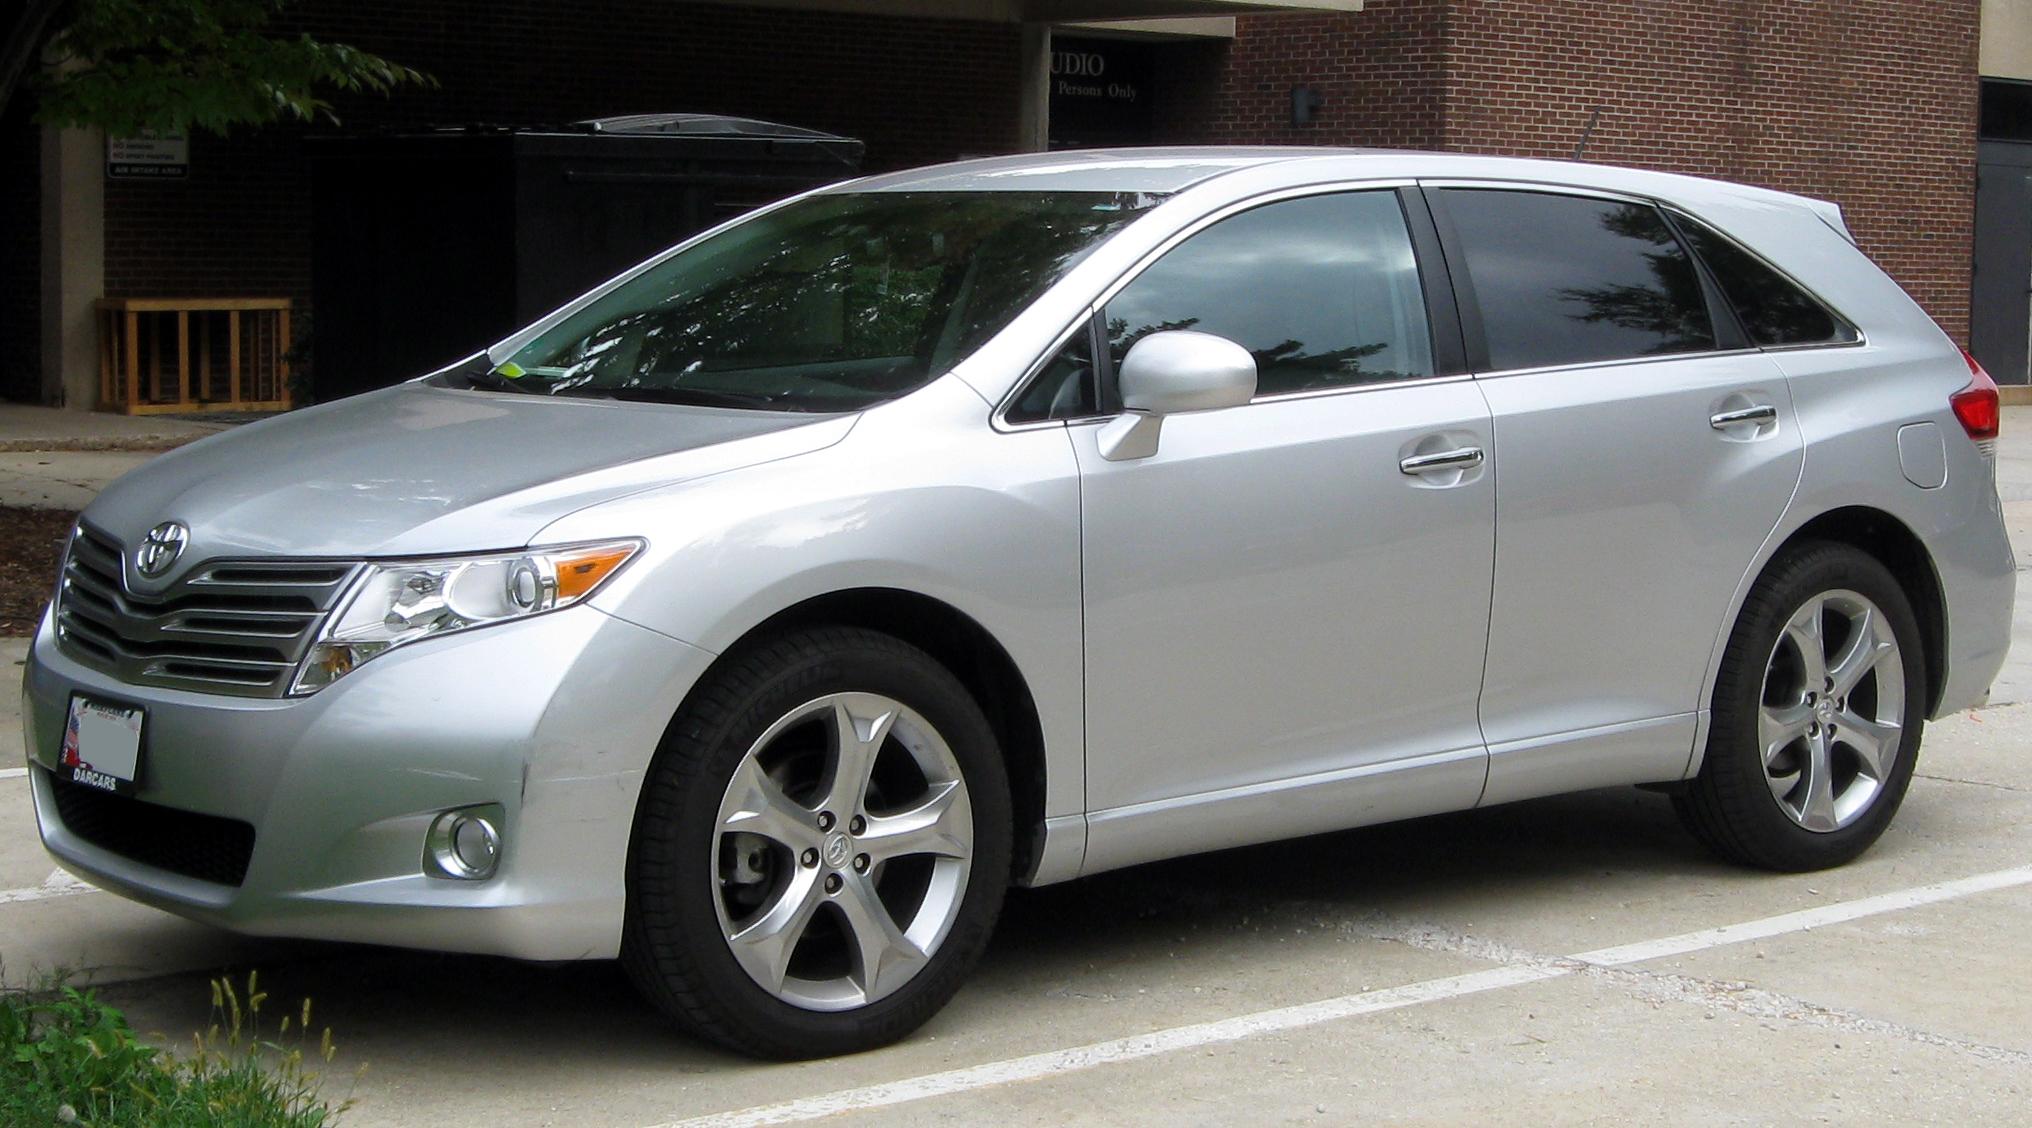 Toyota Венза 2010 фото